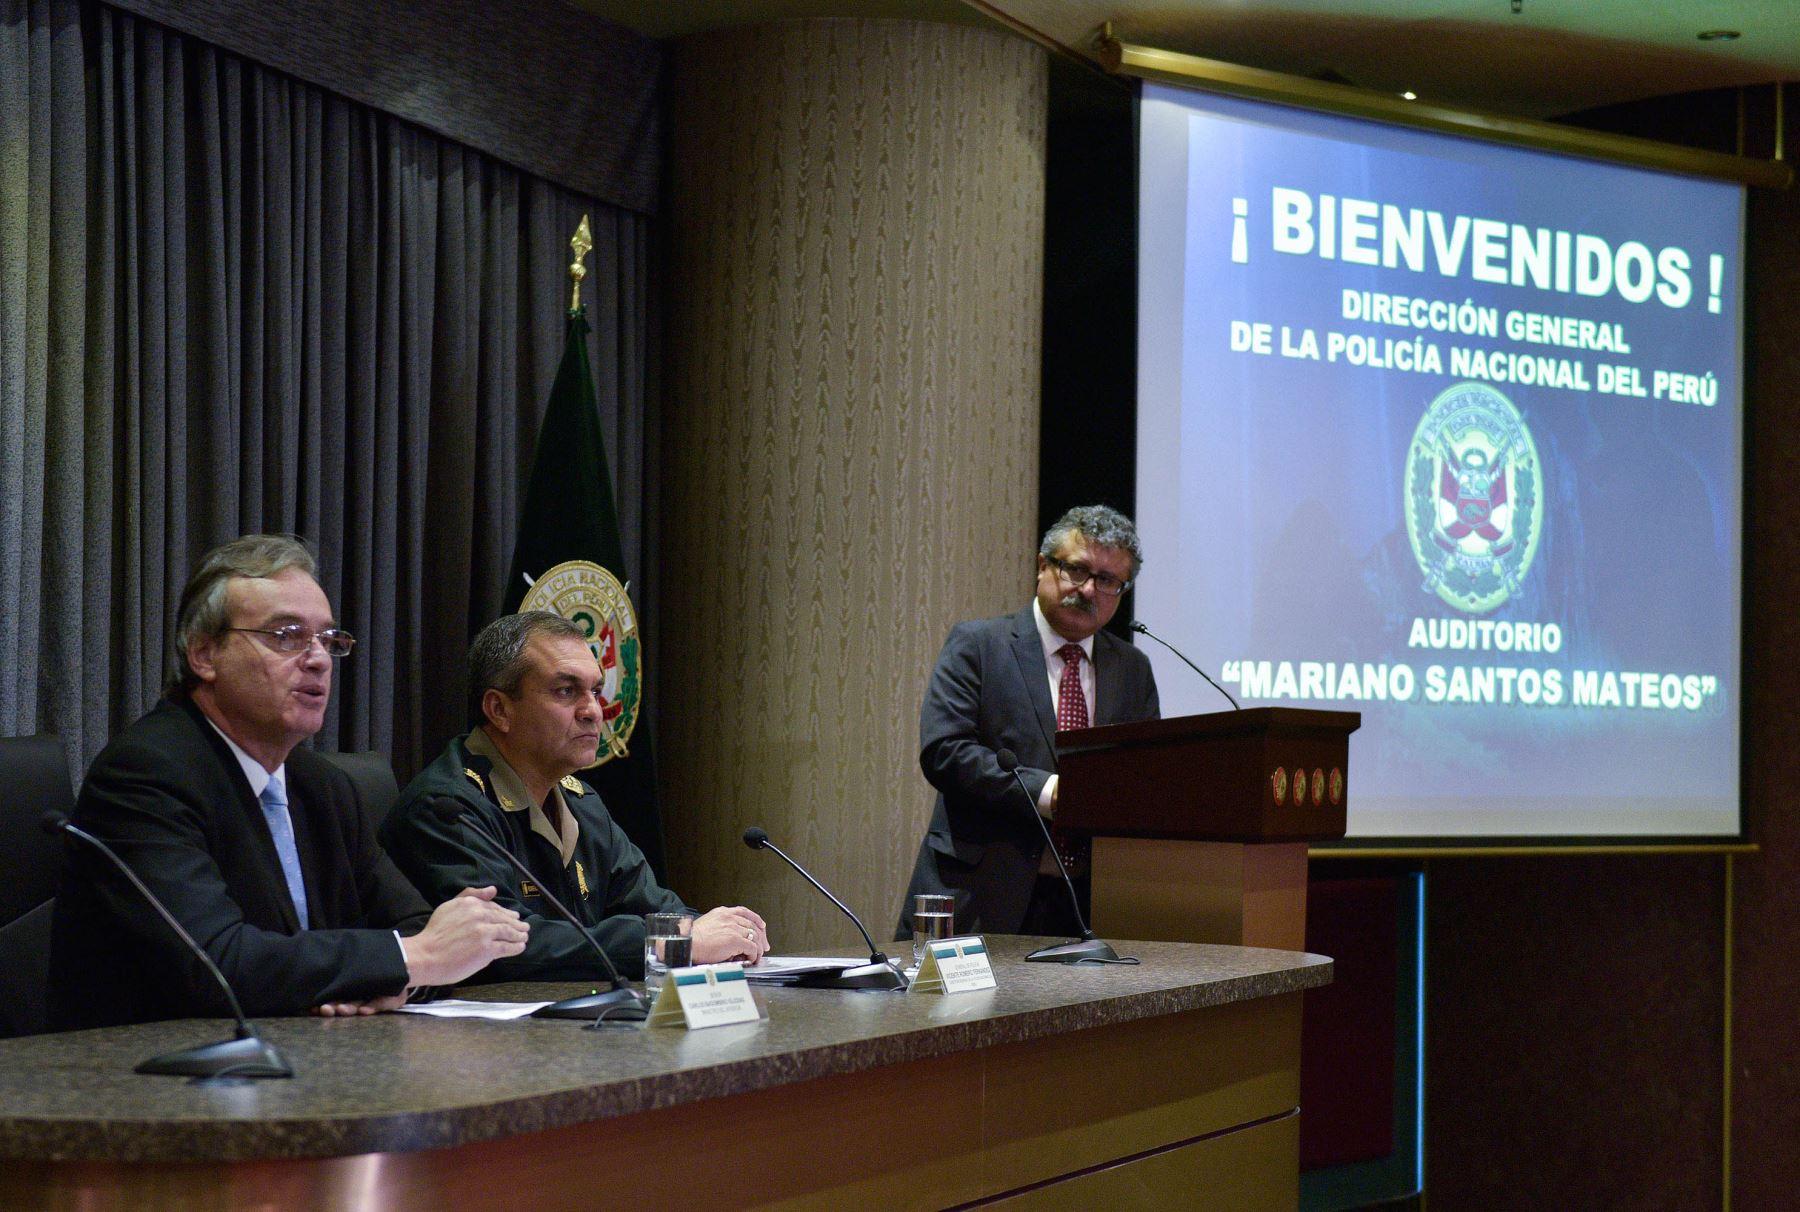 Lima per setiembre 02 conferencia de prensa del ministro for Foto del ministro del interior